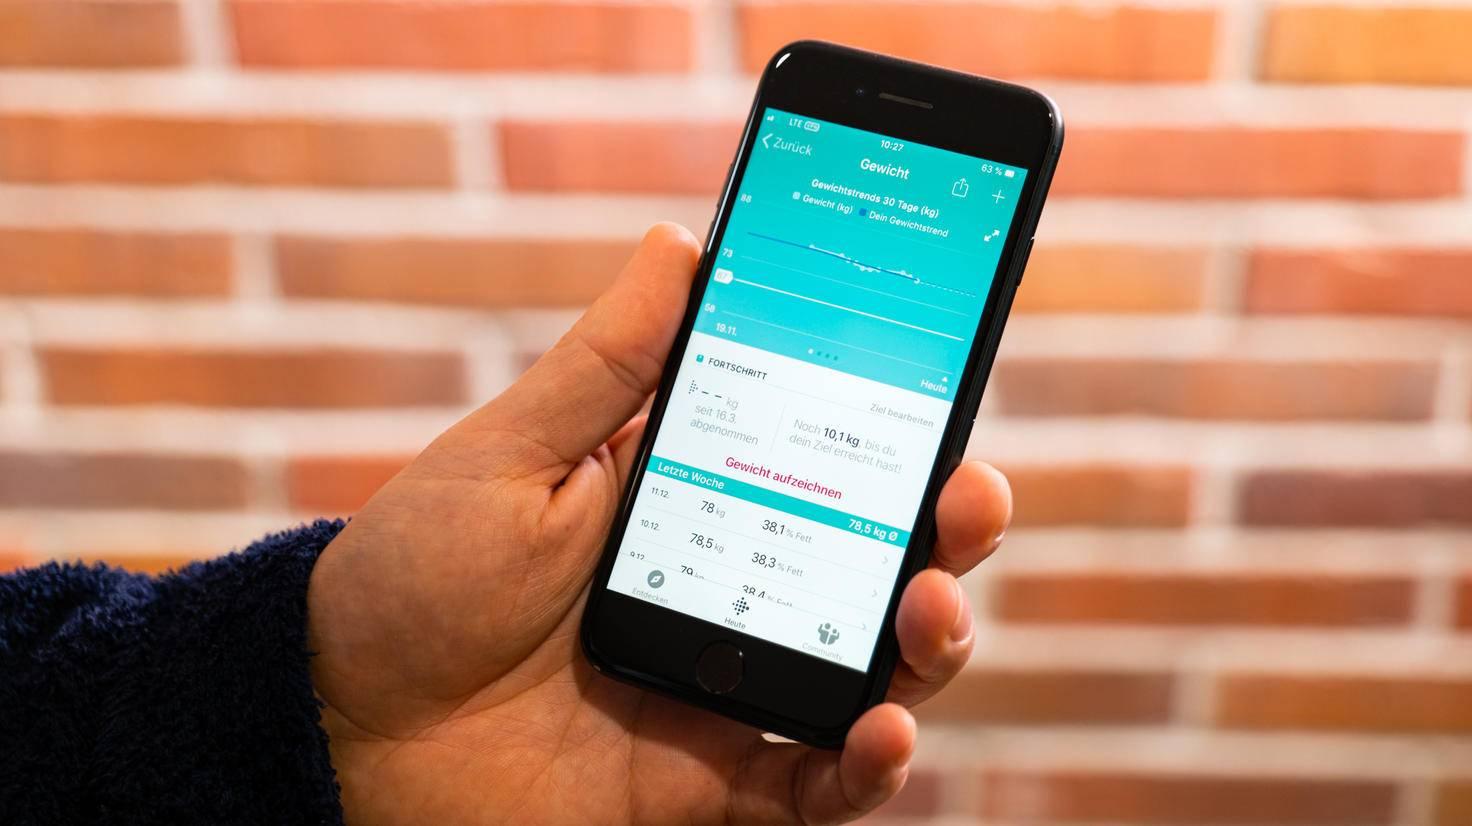 Die genauere Übersicht und Entwicklung über die Zeit gibt's anschließend in der Fitbit-App.